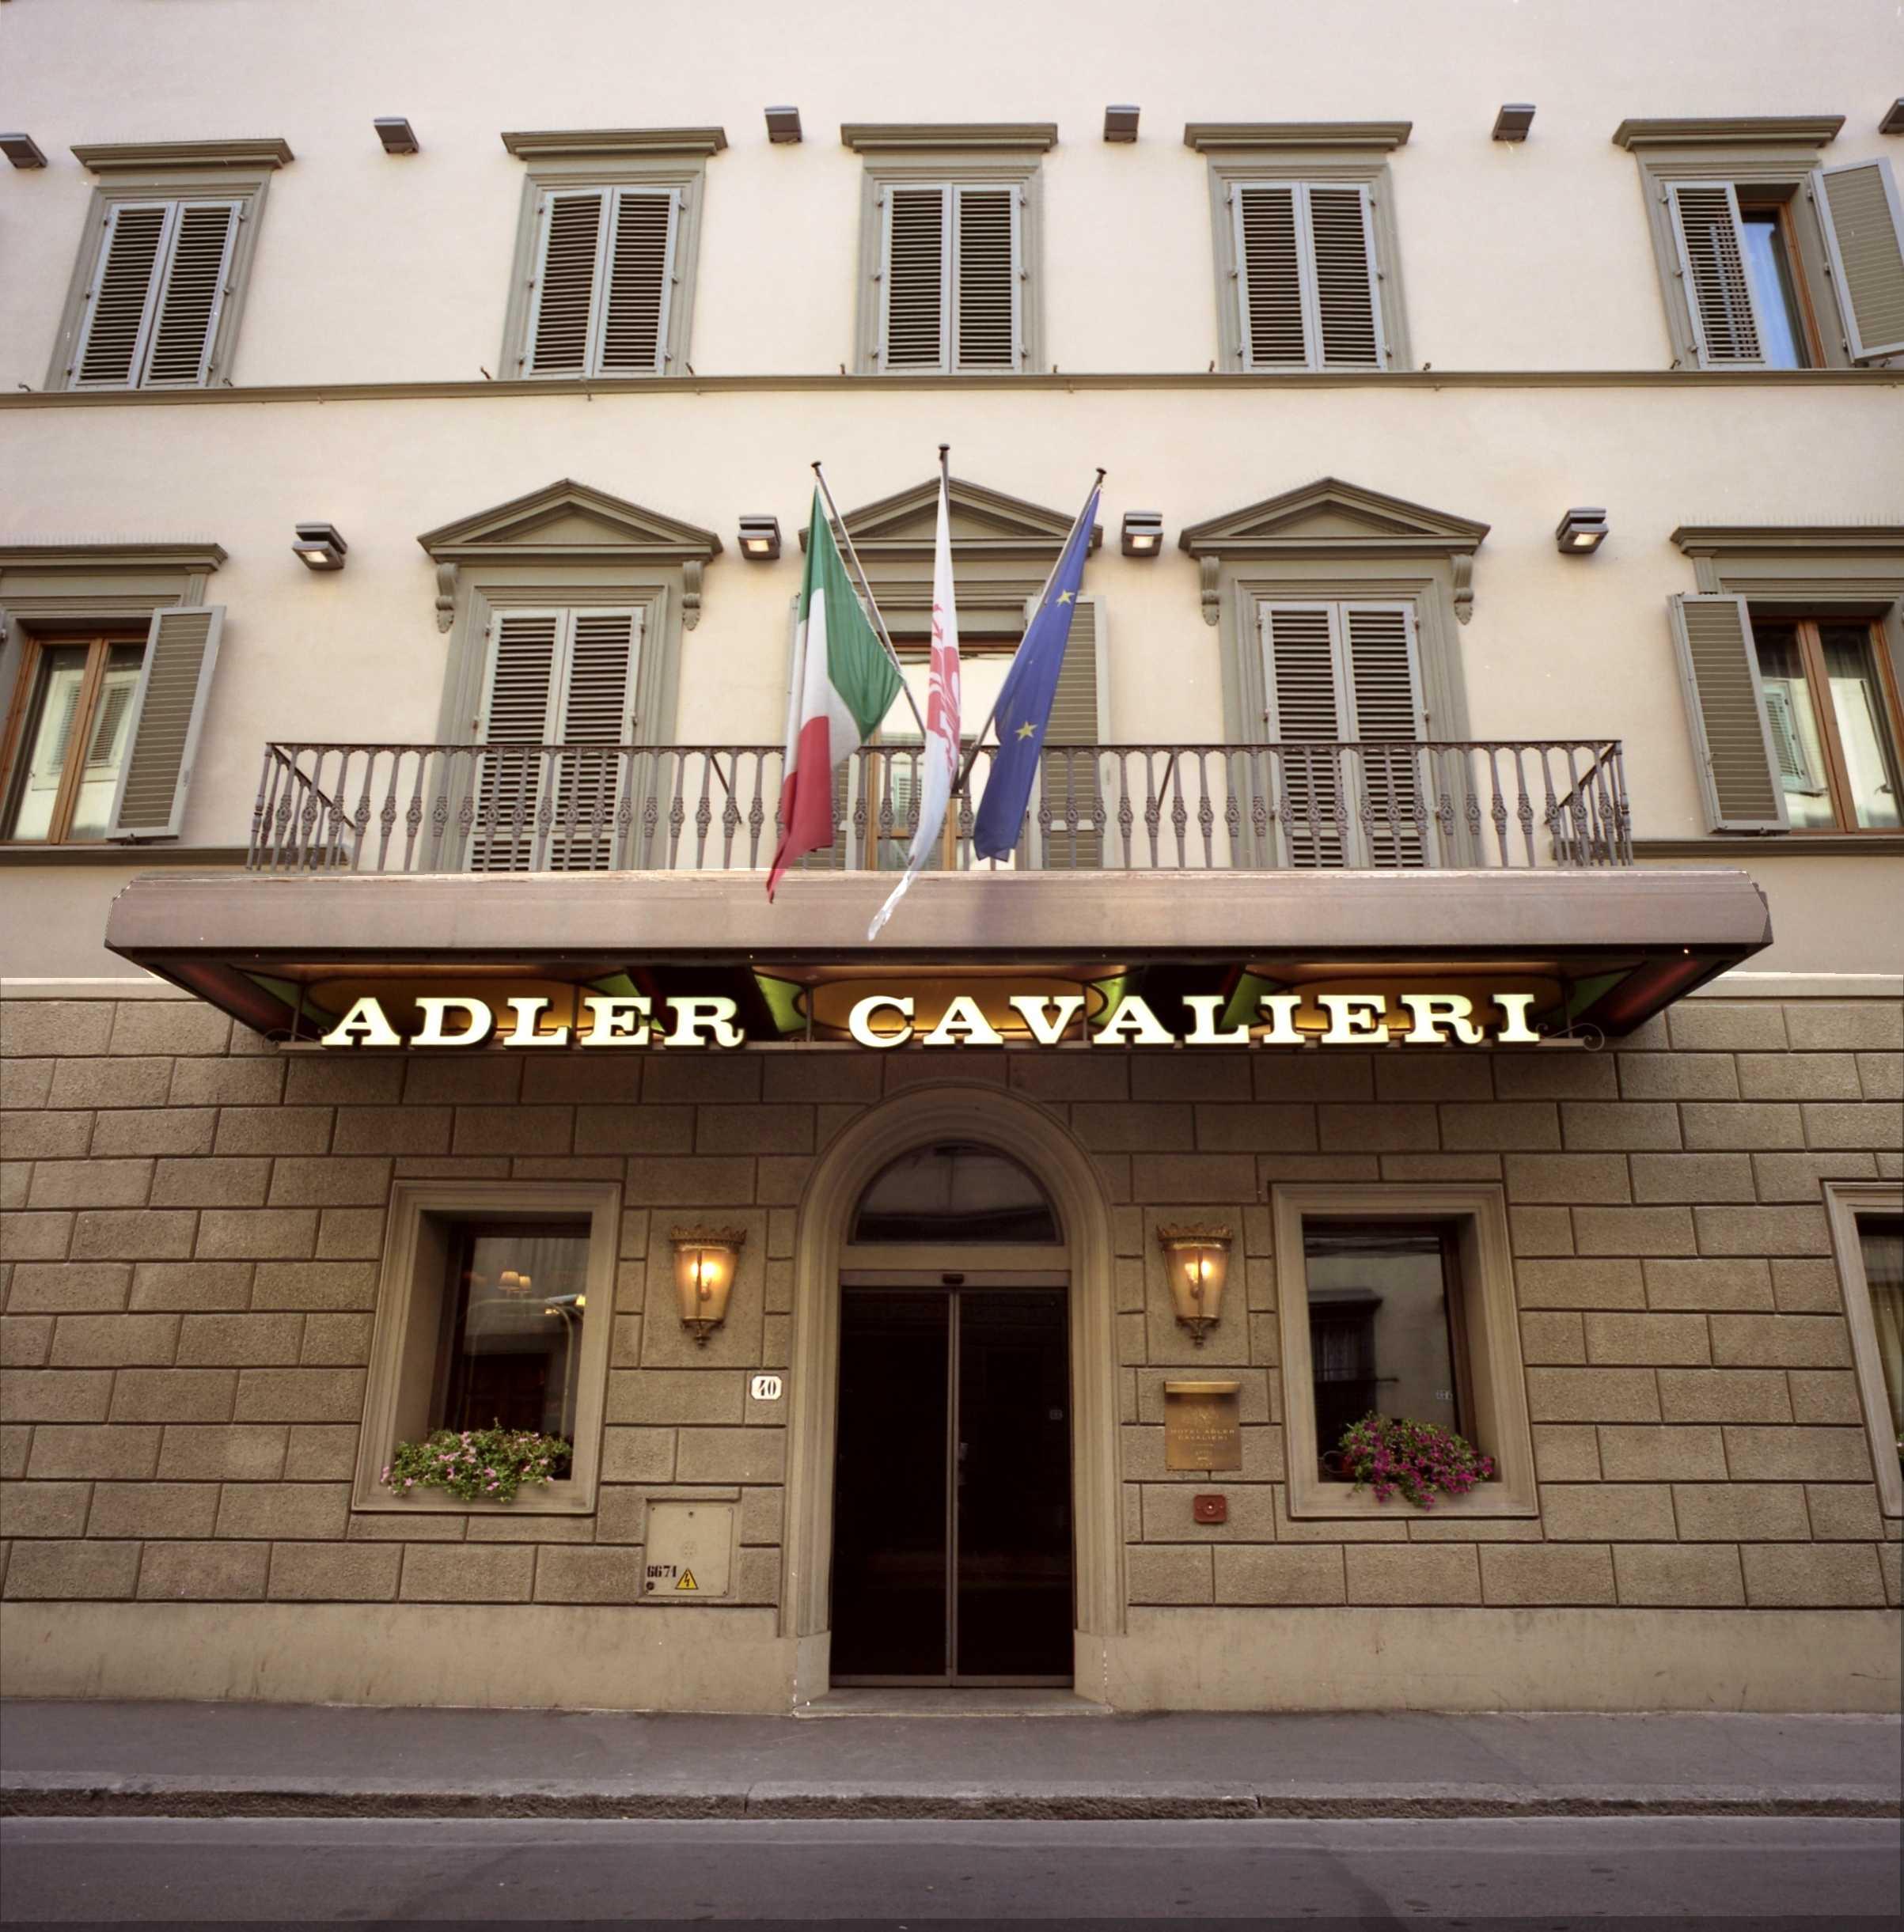 Adler Cavalieri